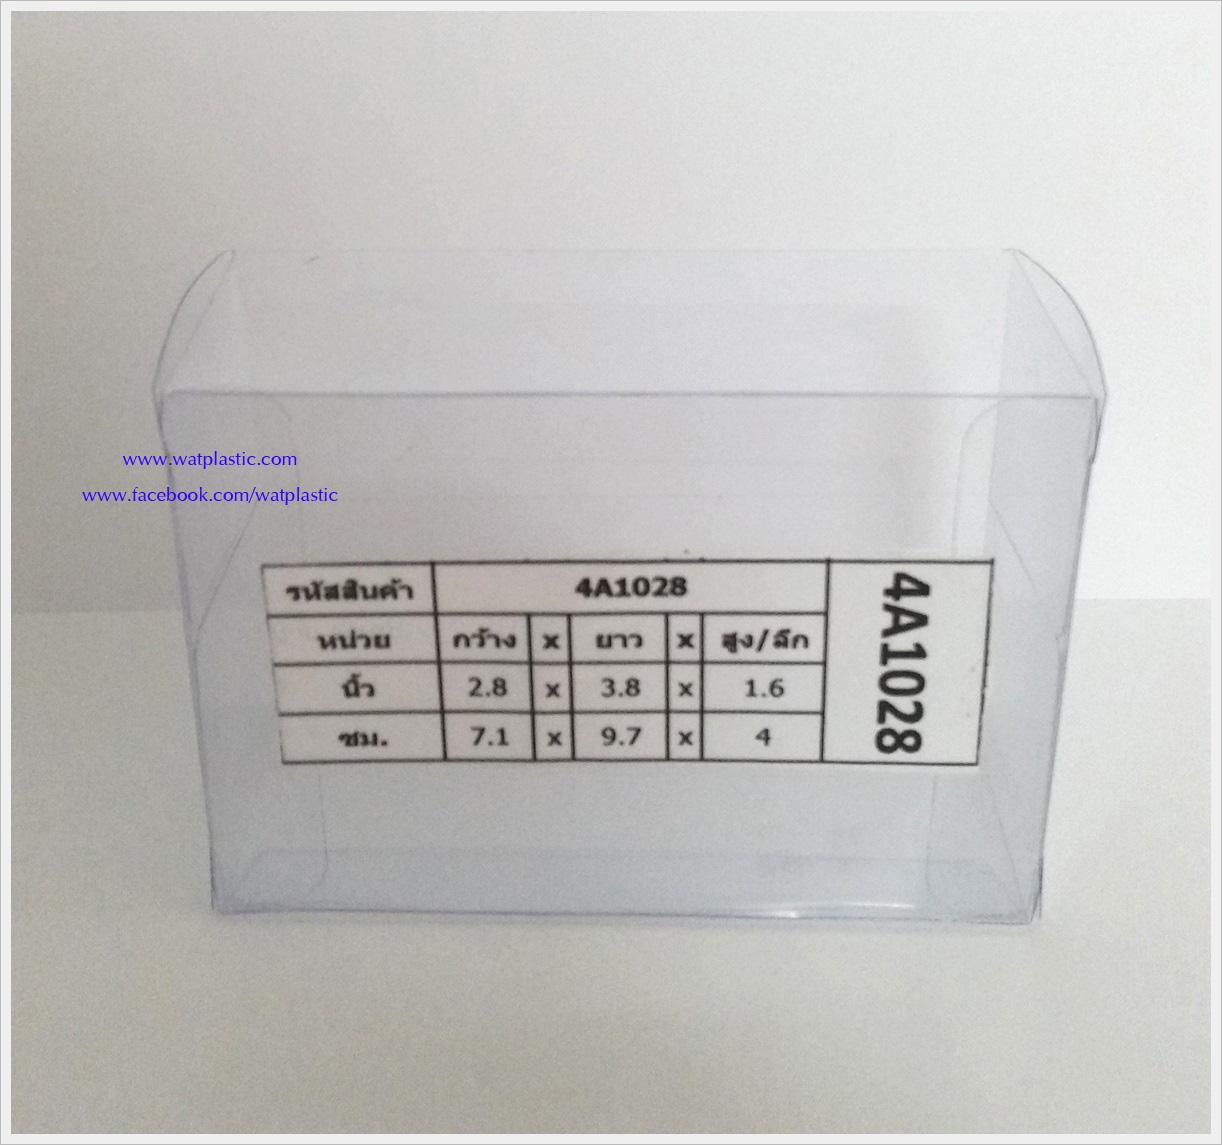 กล่องสบู่ผืนผ้า 7.1 x 9.7 x 4 cm